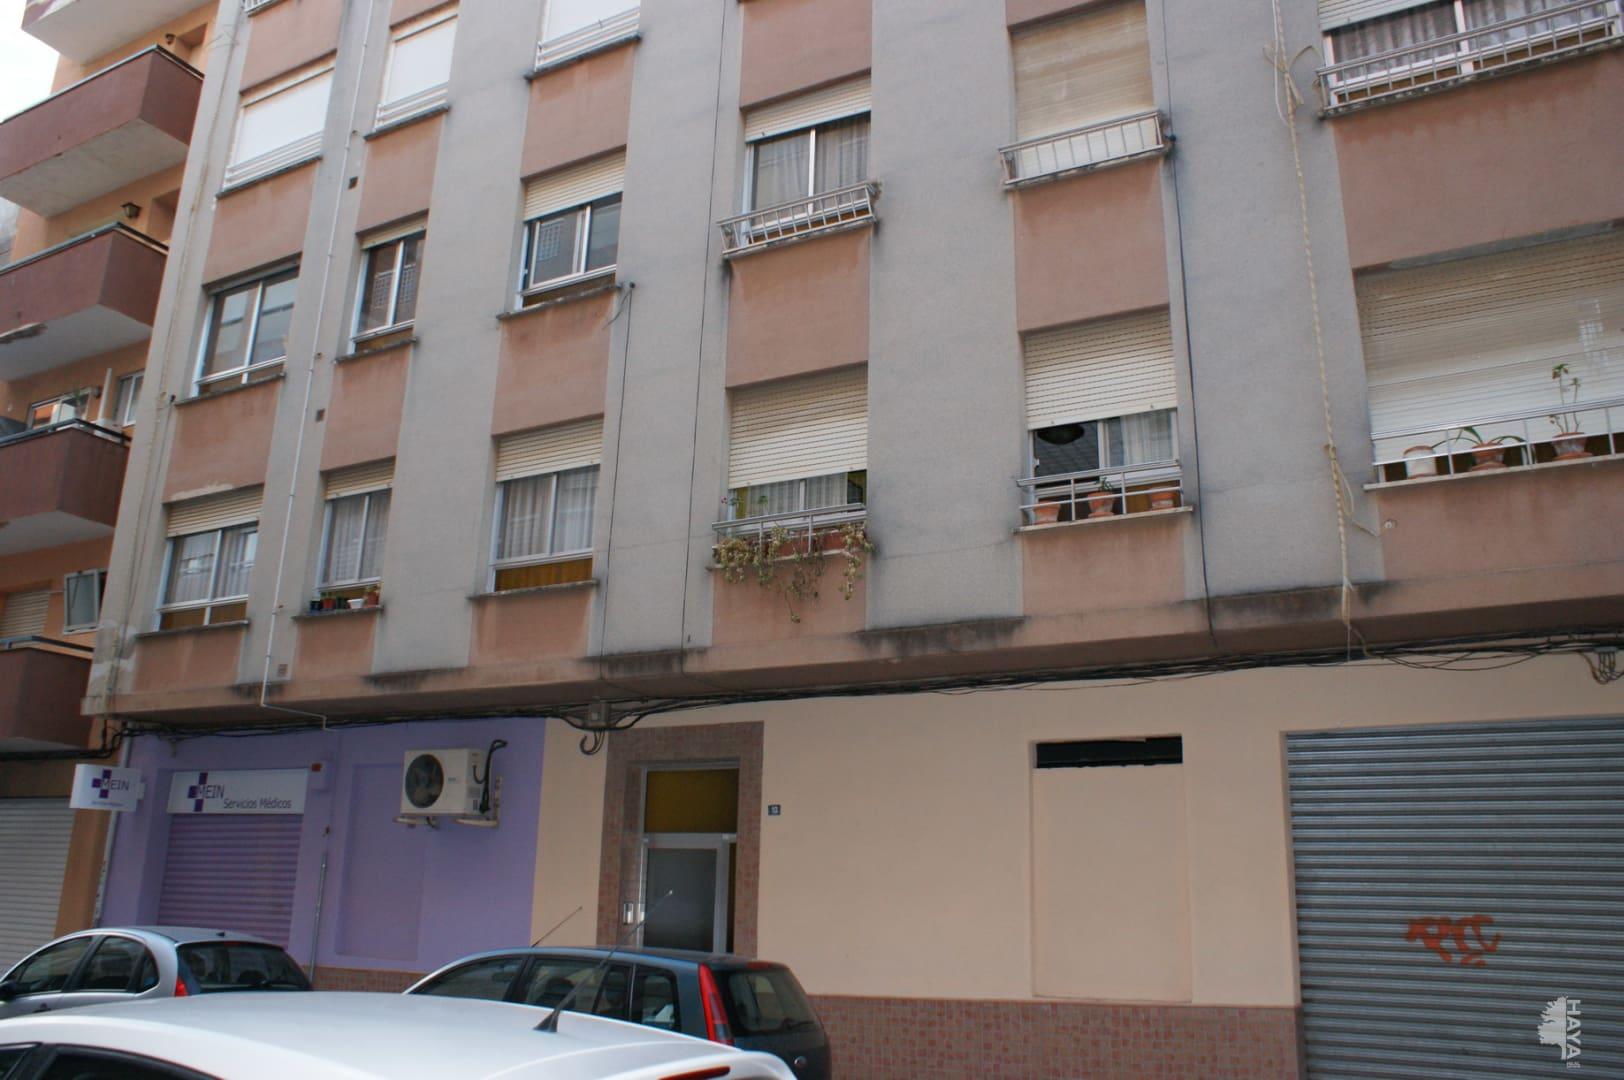 Piso en venta en Benicarló, Castellón, Calle Cronista Viciana, 37.600 €, 4 habitaciones, 1 baño, 86 m2